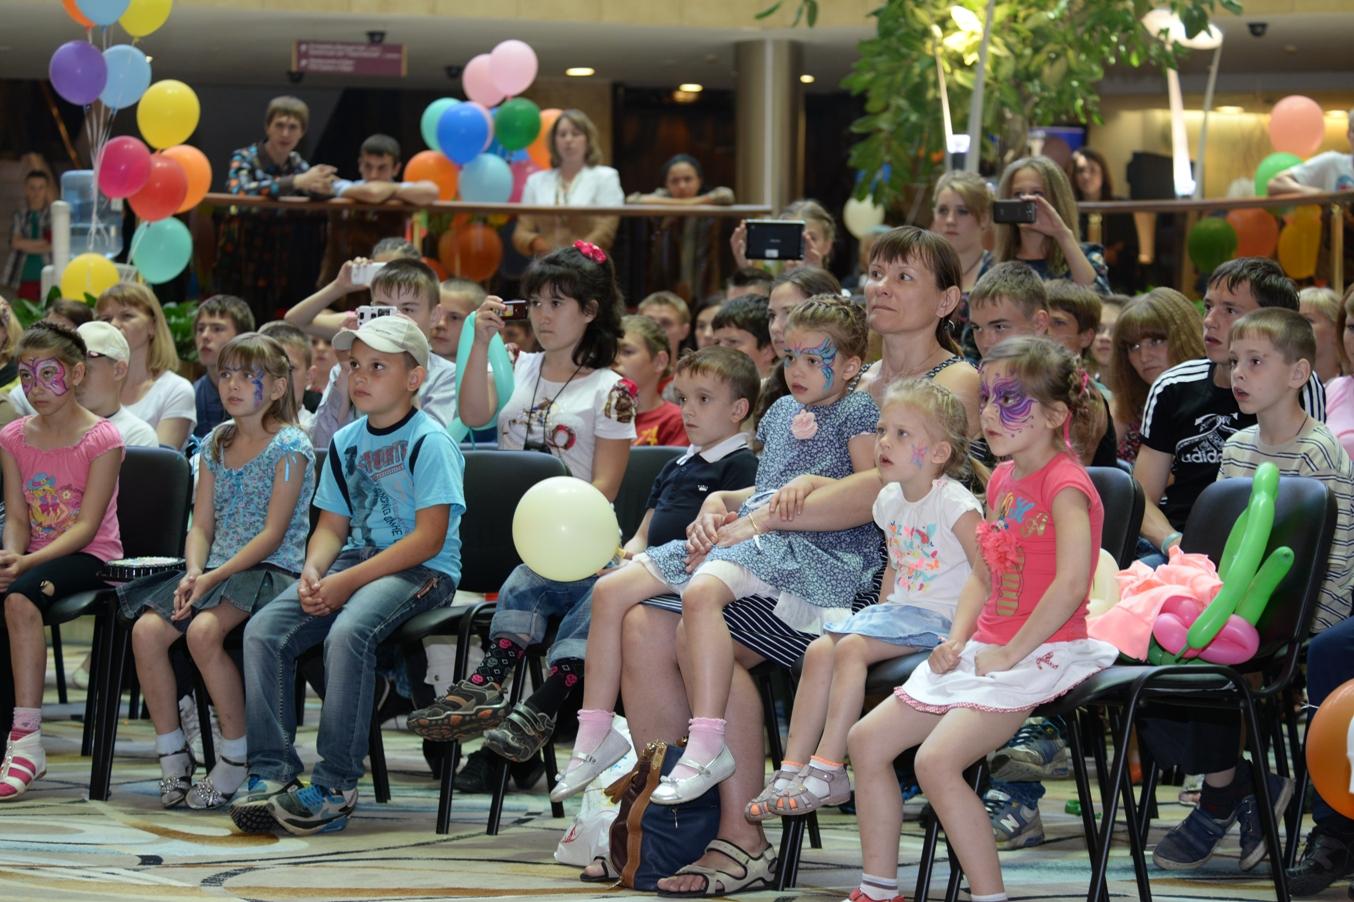 Фонд провел благотворительный праздник к Международному дню защиты детей 2014 года